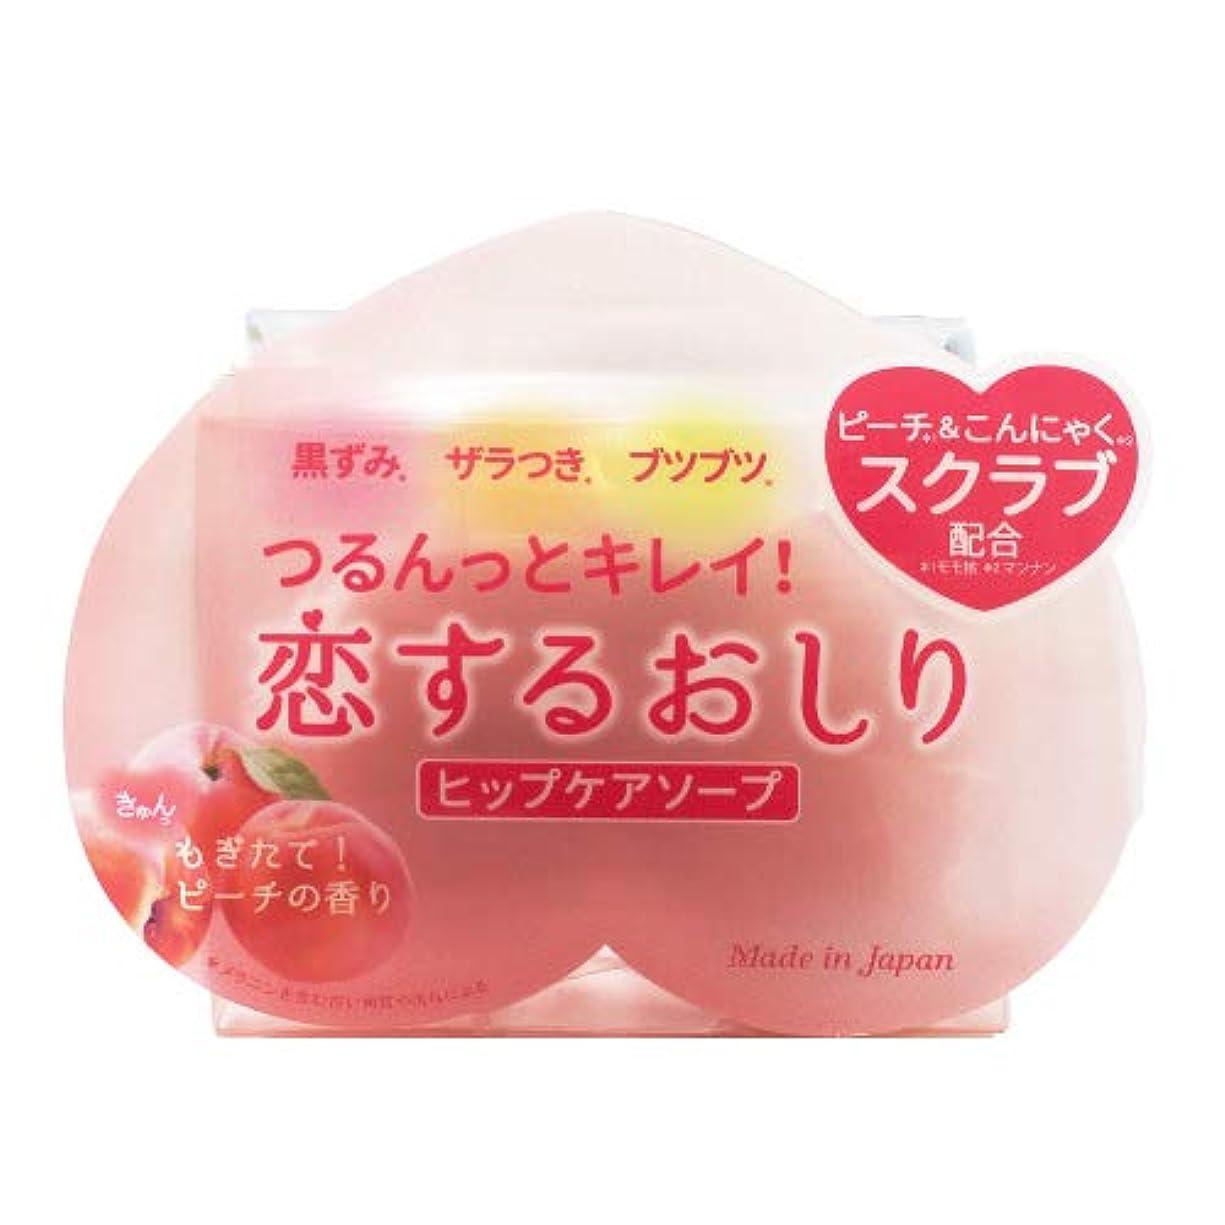 軽減する考慮プラスチックペリカン石鹸 恋するおしり ヒップケアソープ 80g